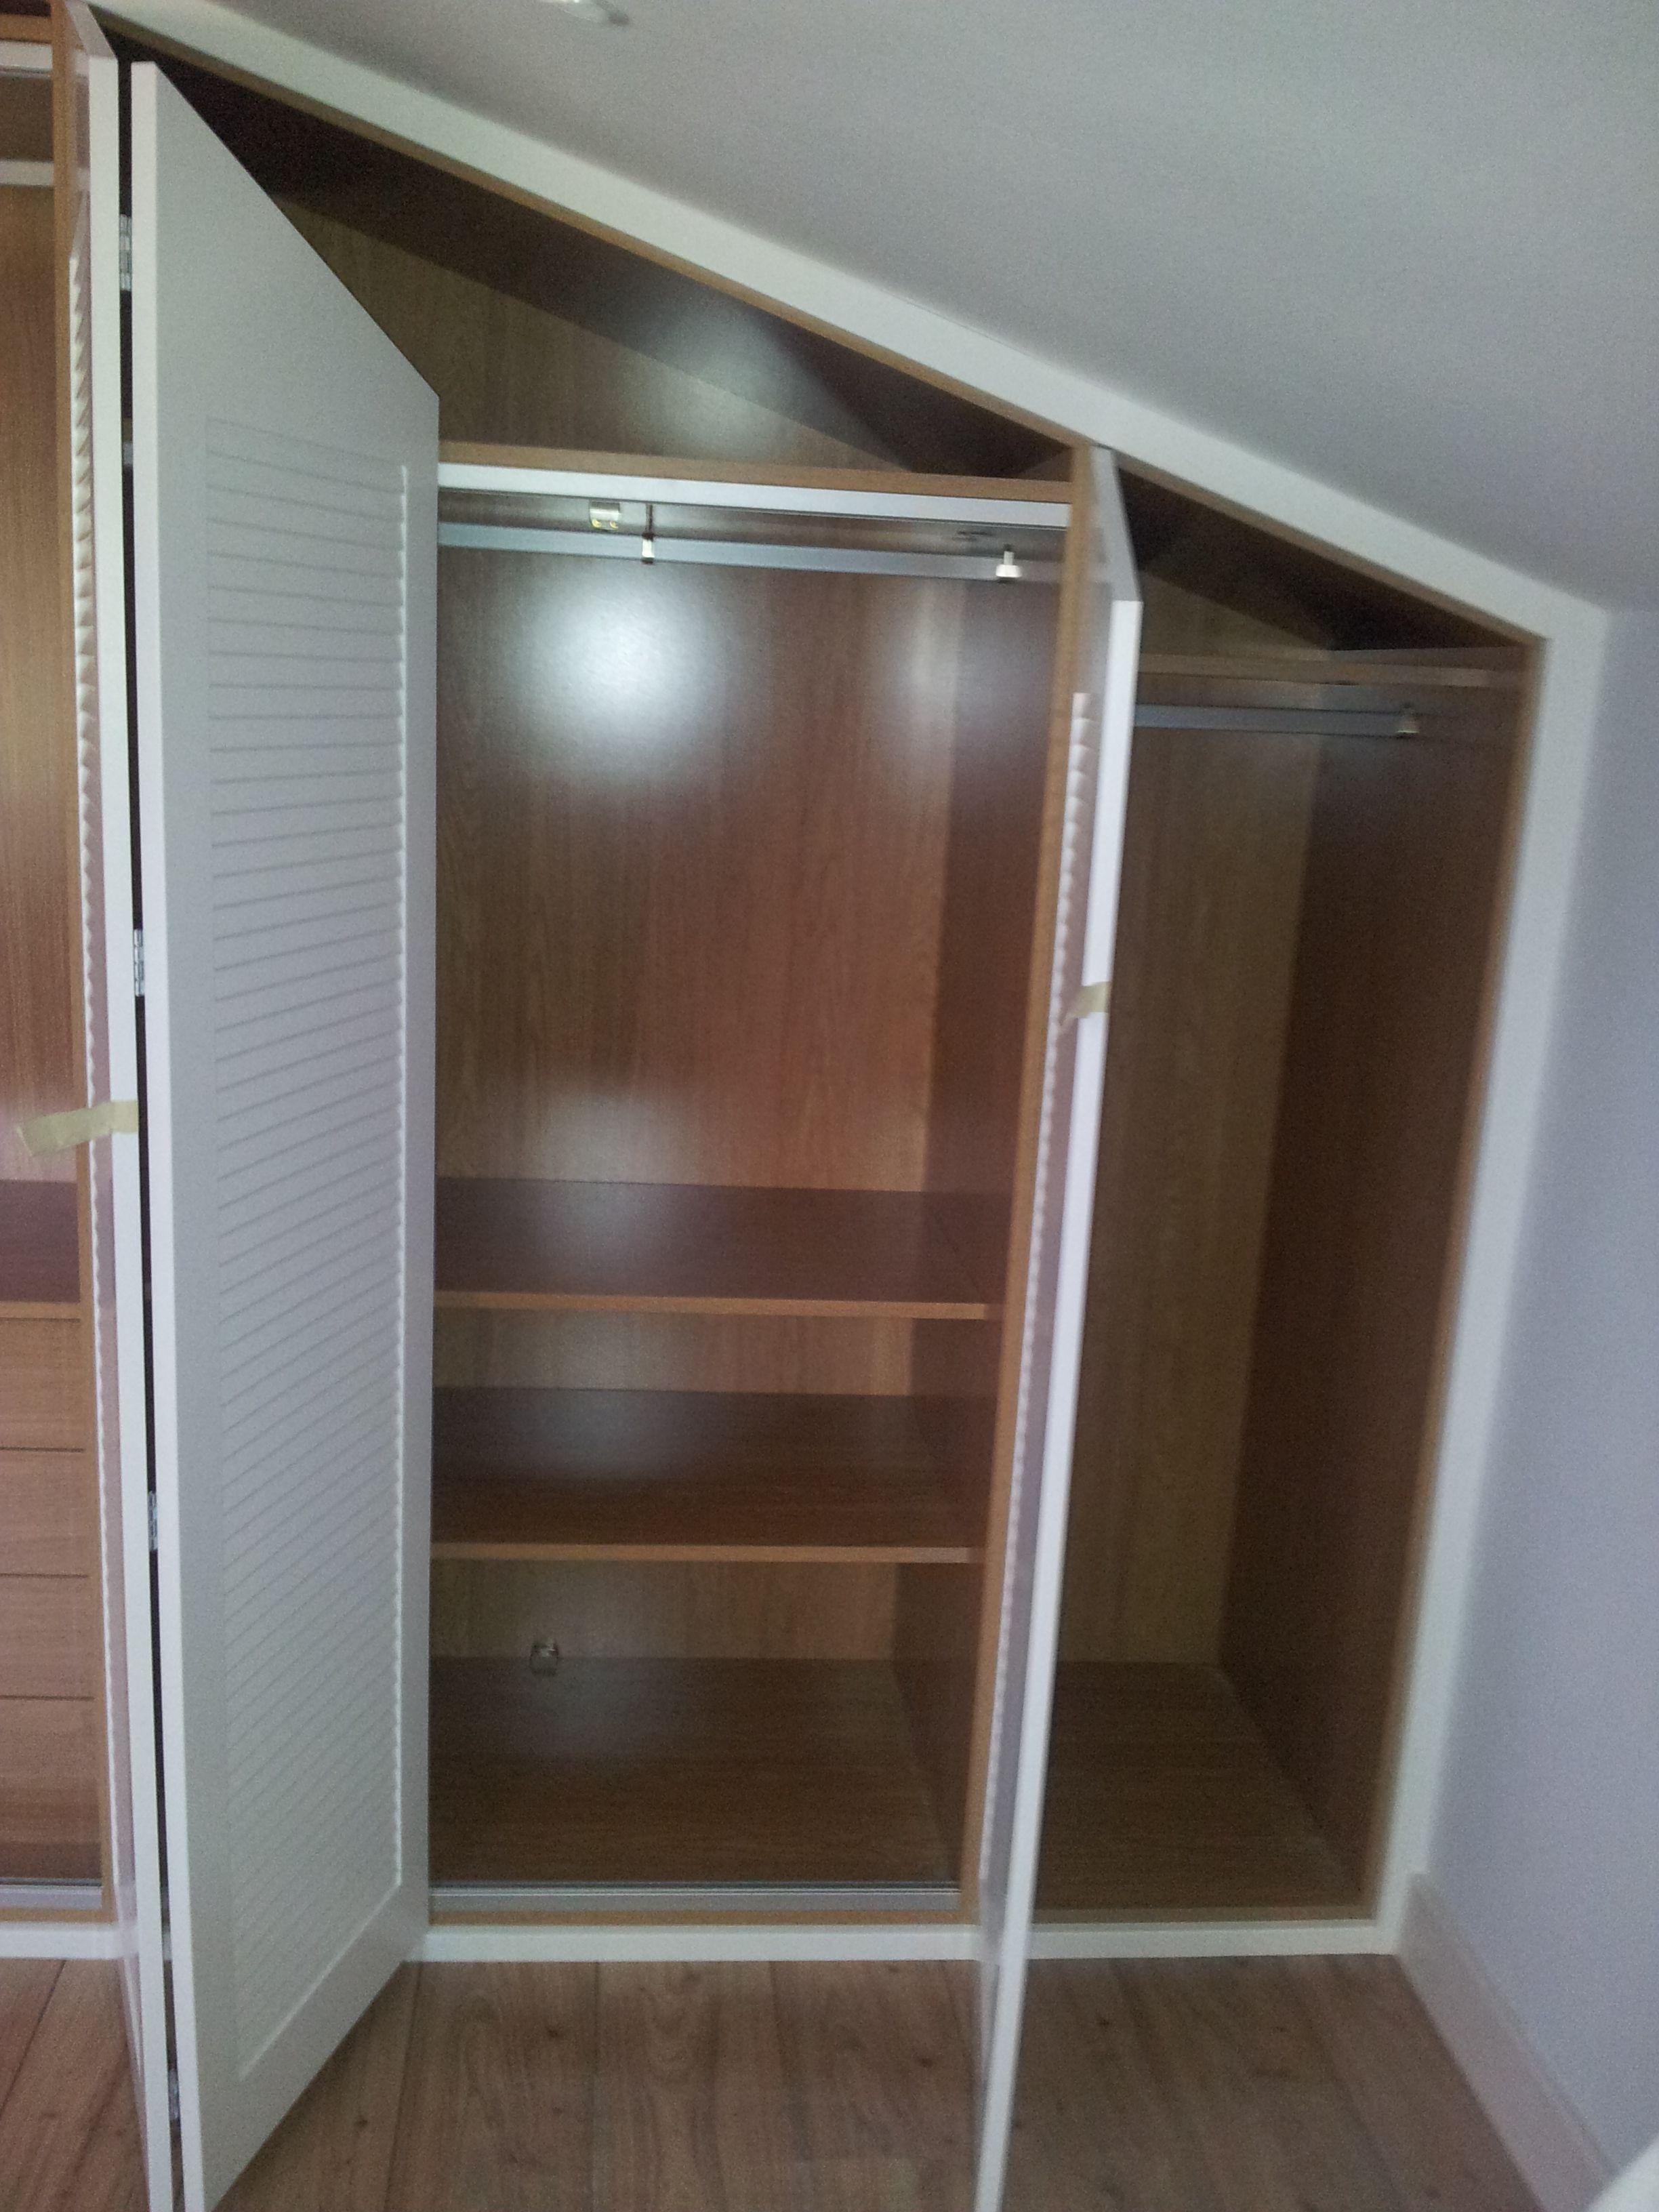 Armario abuhardillado con puertas plegables el lujo en su hogar pinterest - Puertas plegables armarios ...